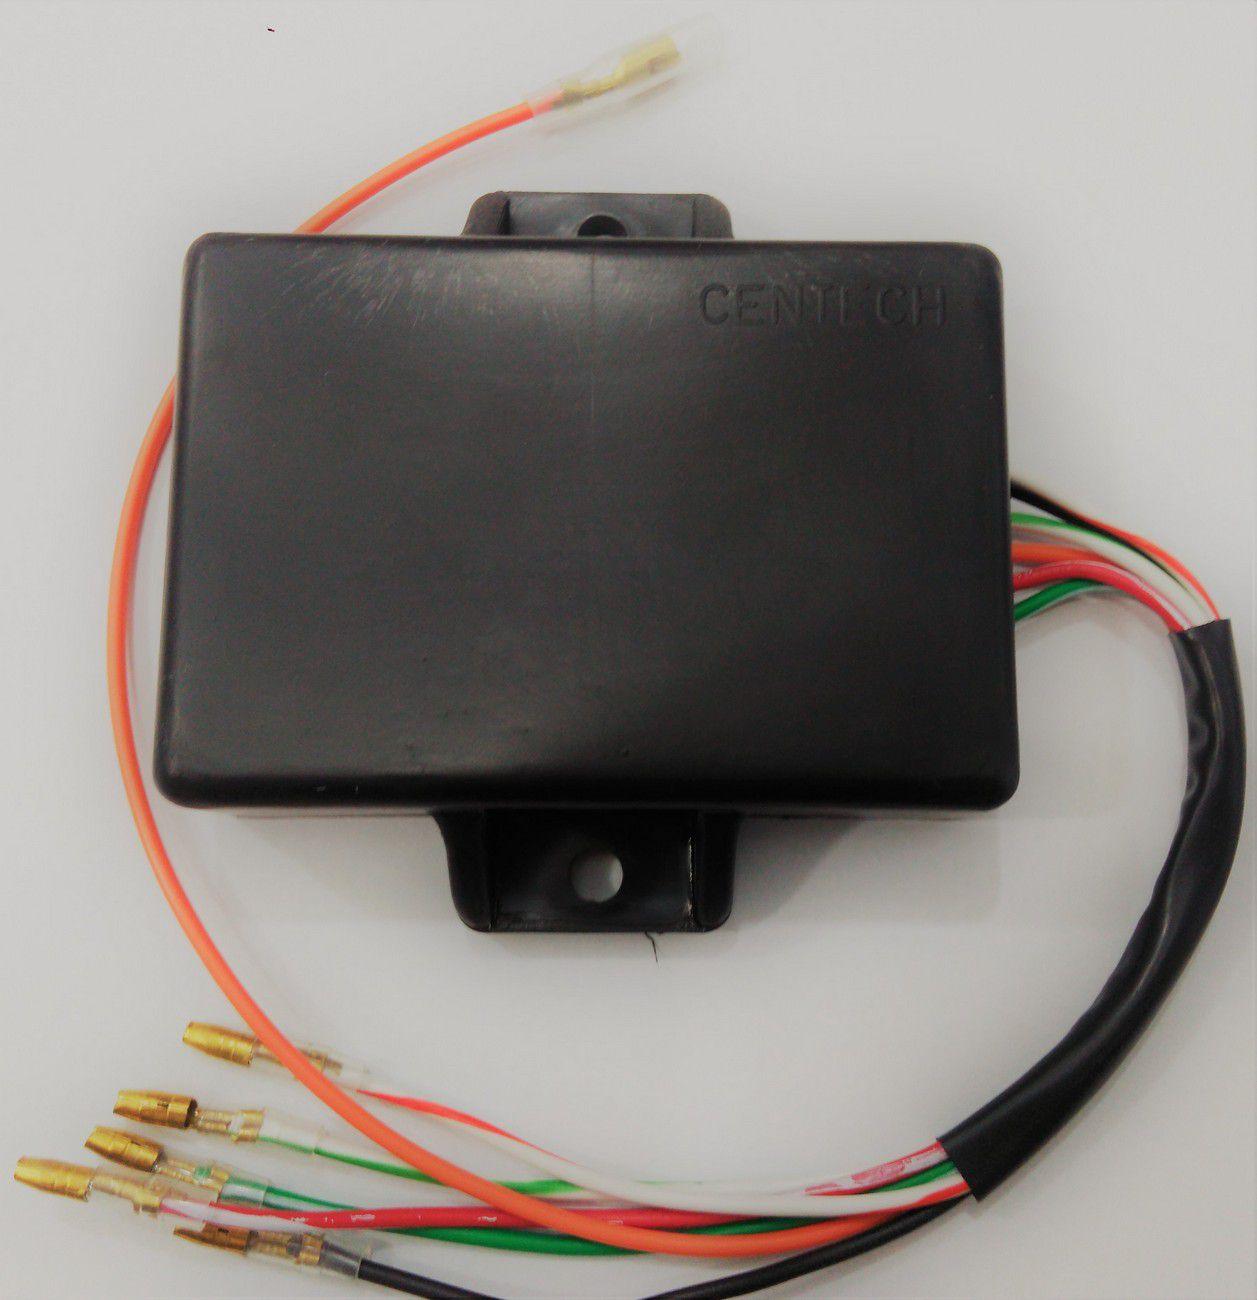 Central da Ignição CDI Modelo Similar Original Agrale 16.5 6 fios sendo 1 cinza